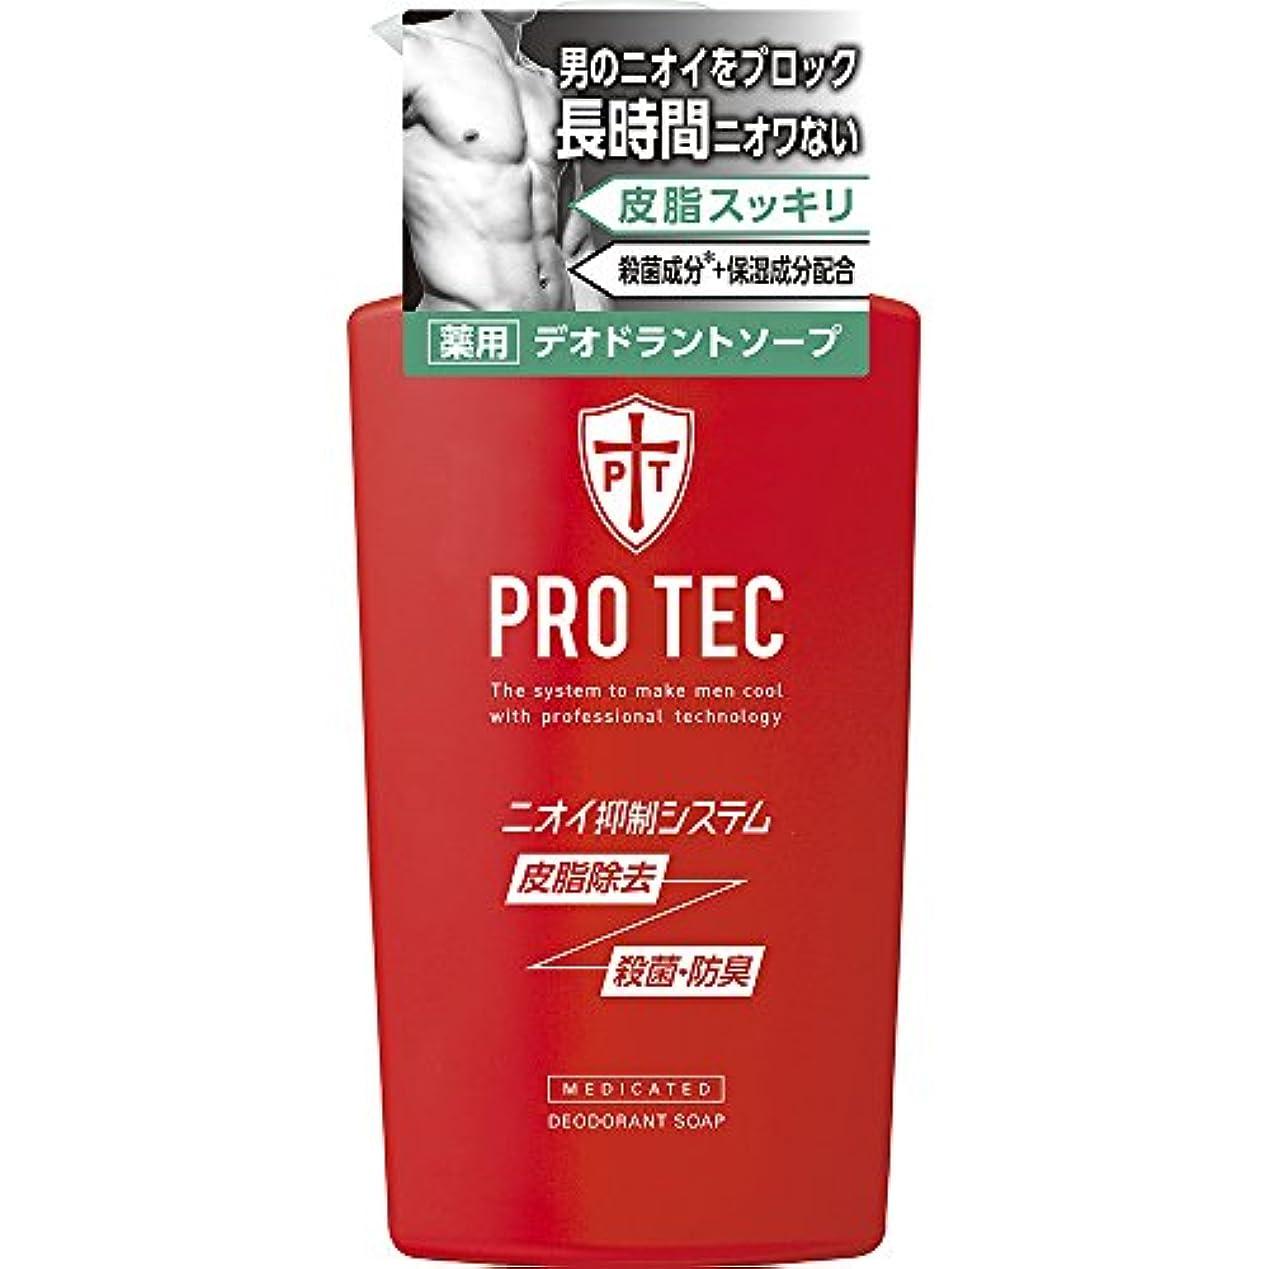 効能黒人防腐剤PRO TEC(プロテク) デオドラントソープ 本体ポンプ 420ml